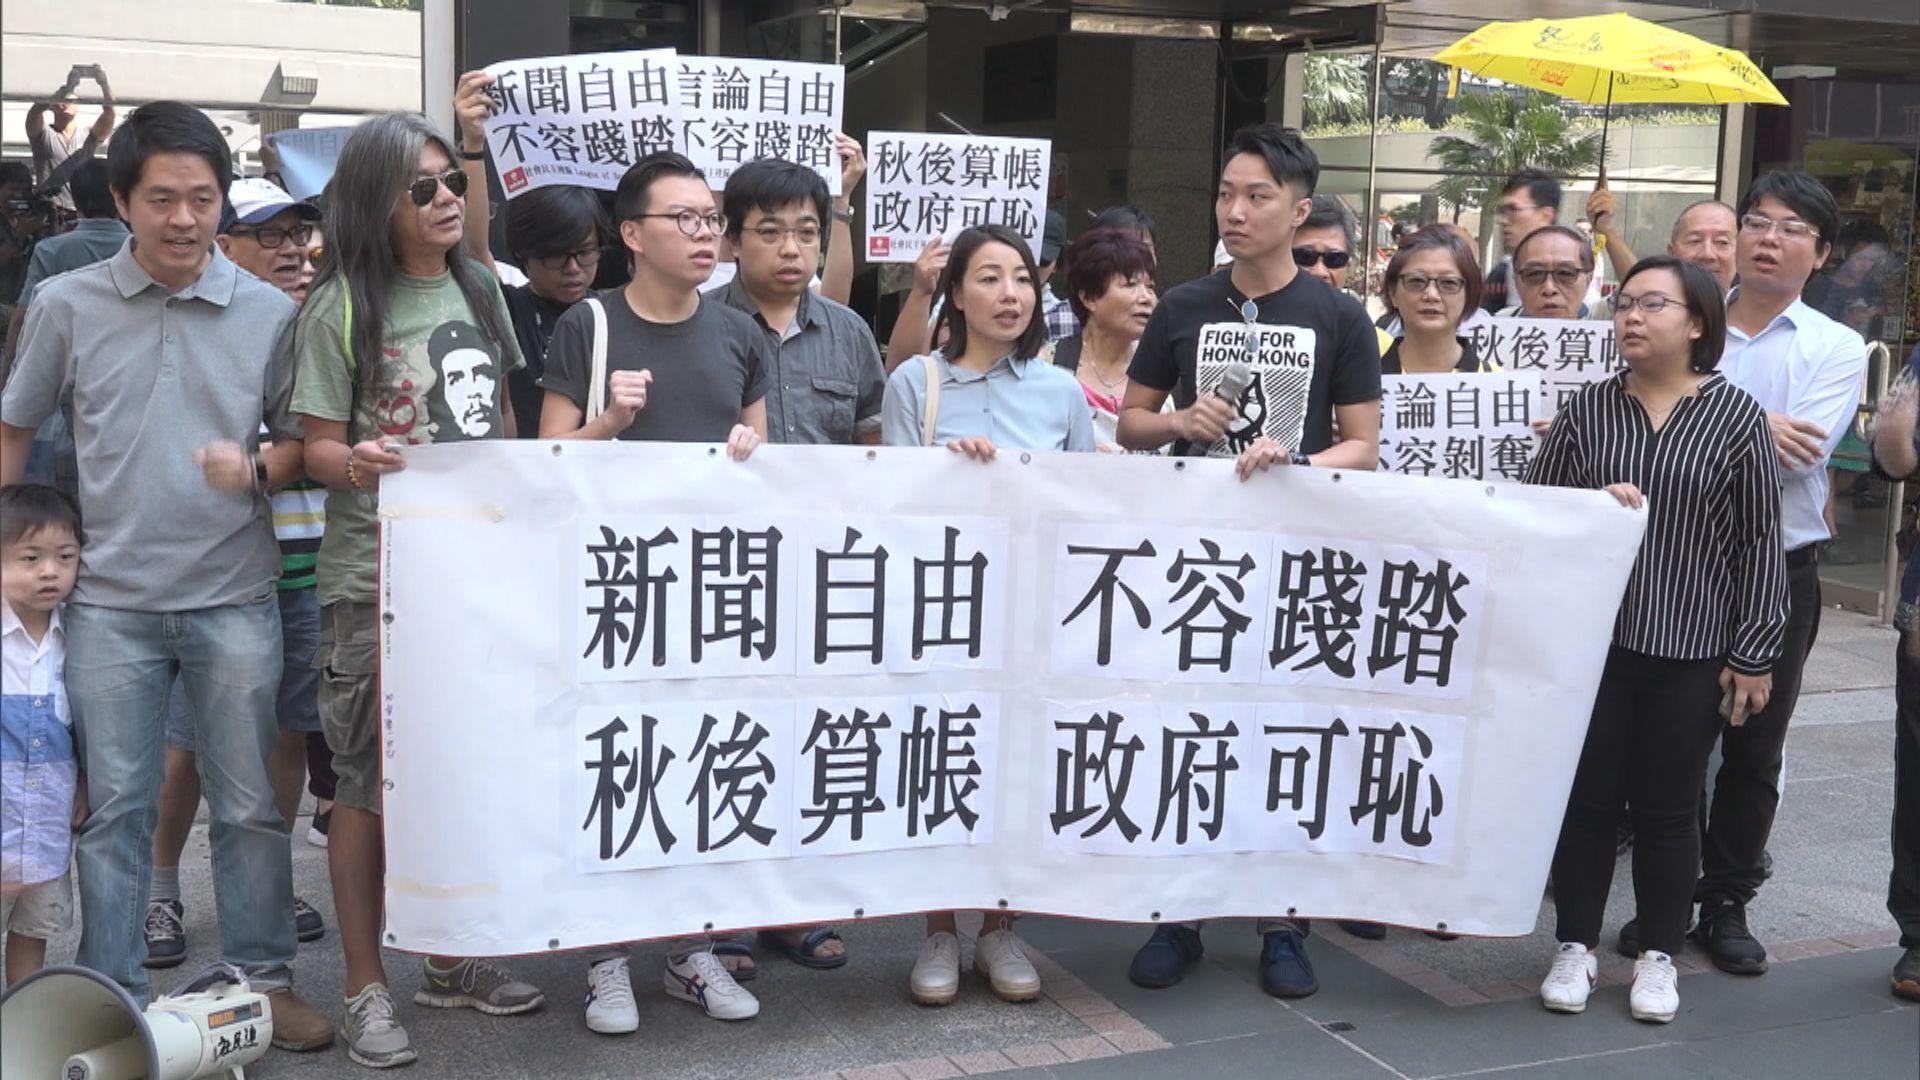 民陣到入境處抗議 促收回拒批簽證決定